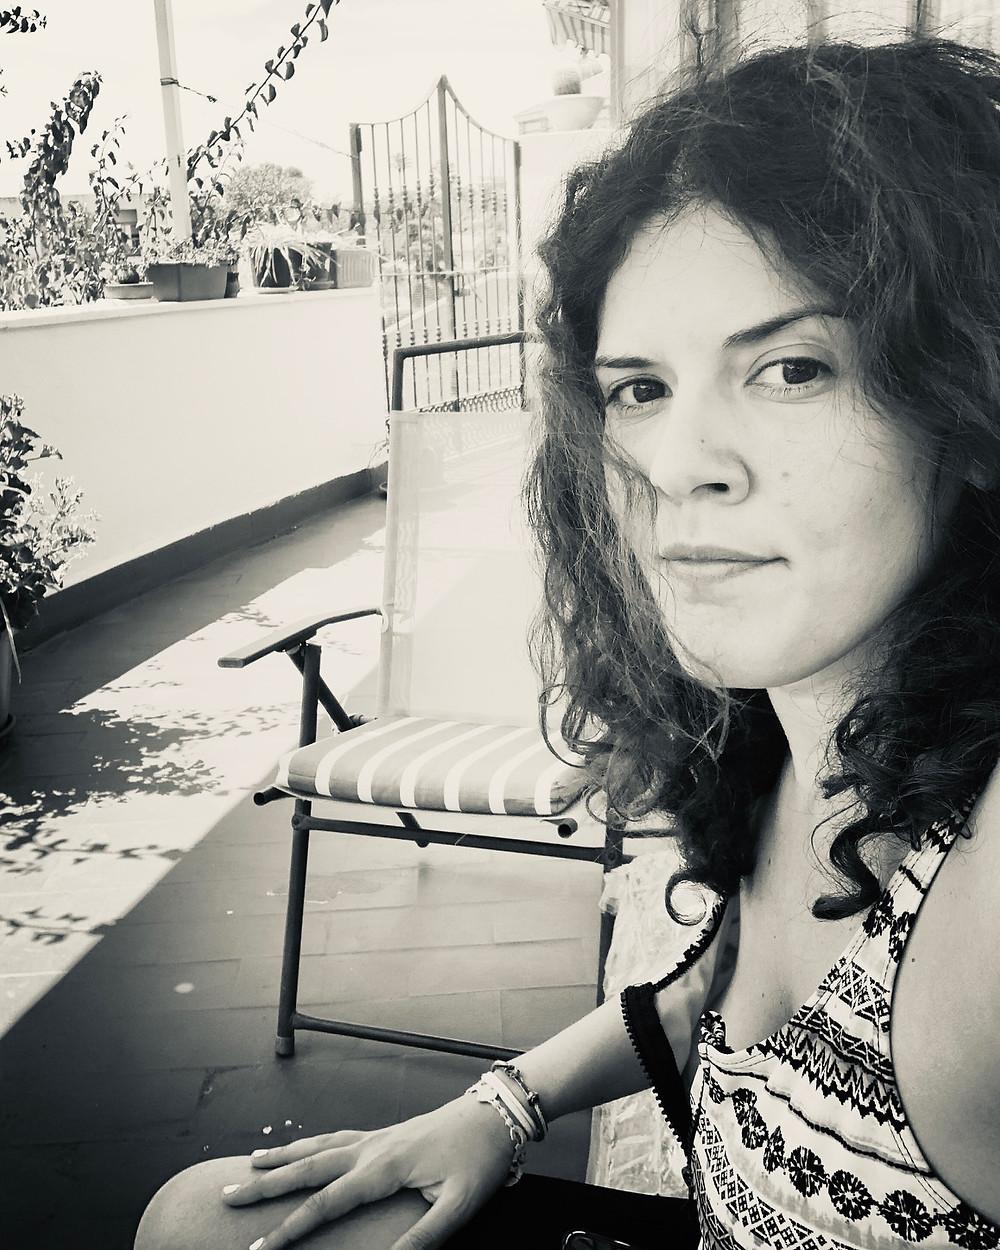 La fundadora de DETRIBU en la terraza de su casa de Huelva, España.